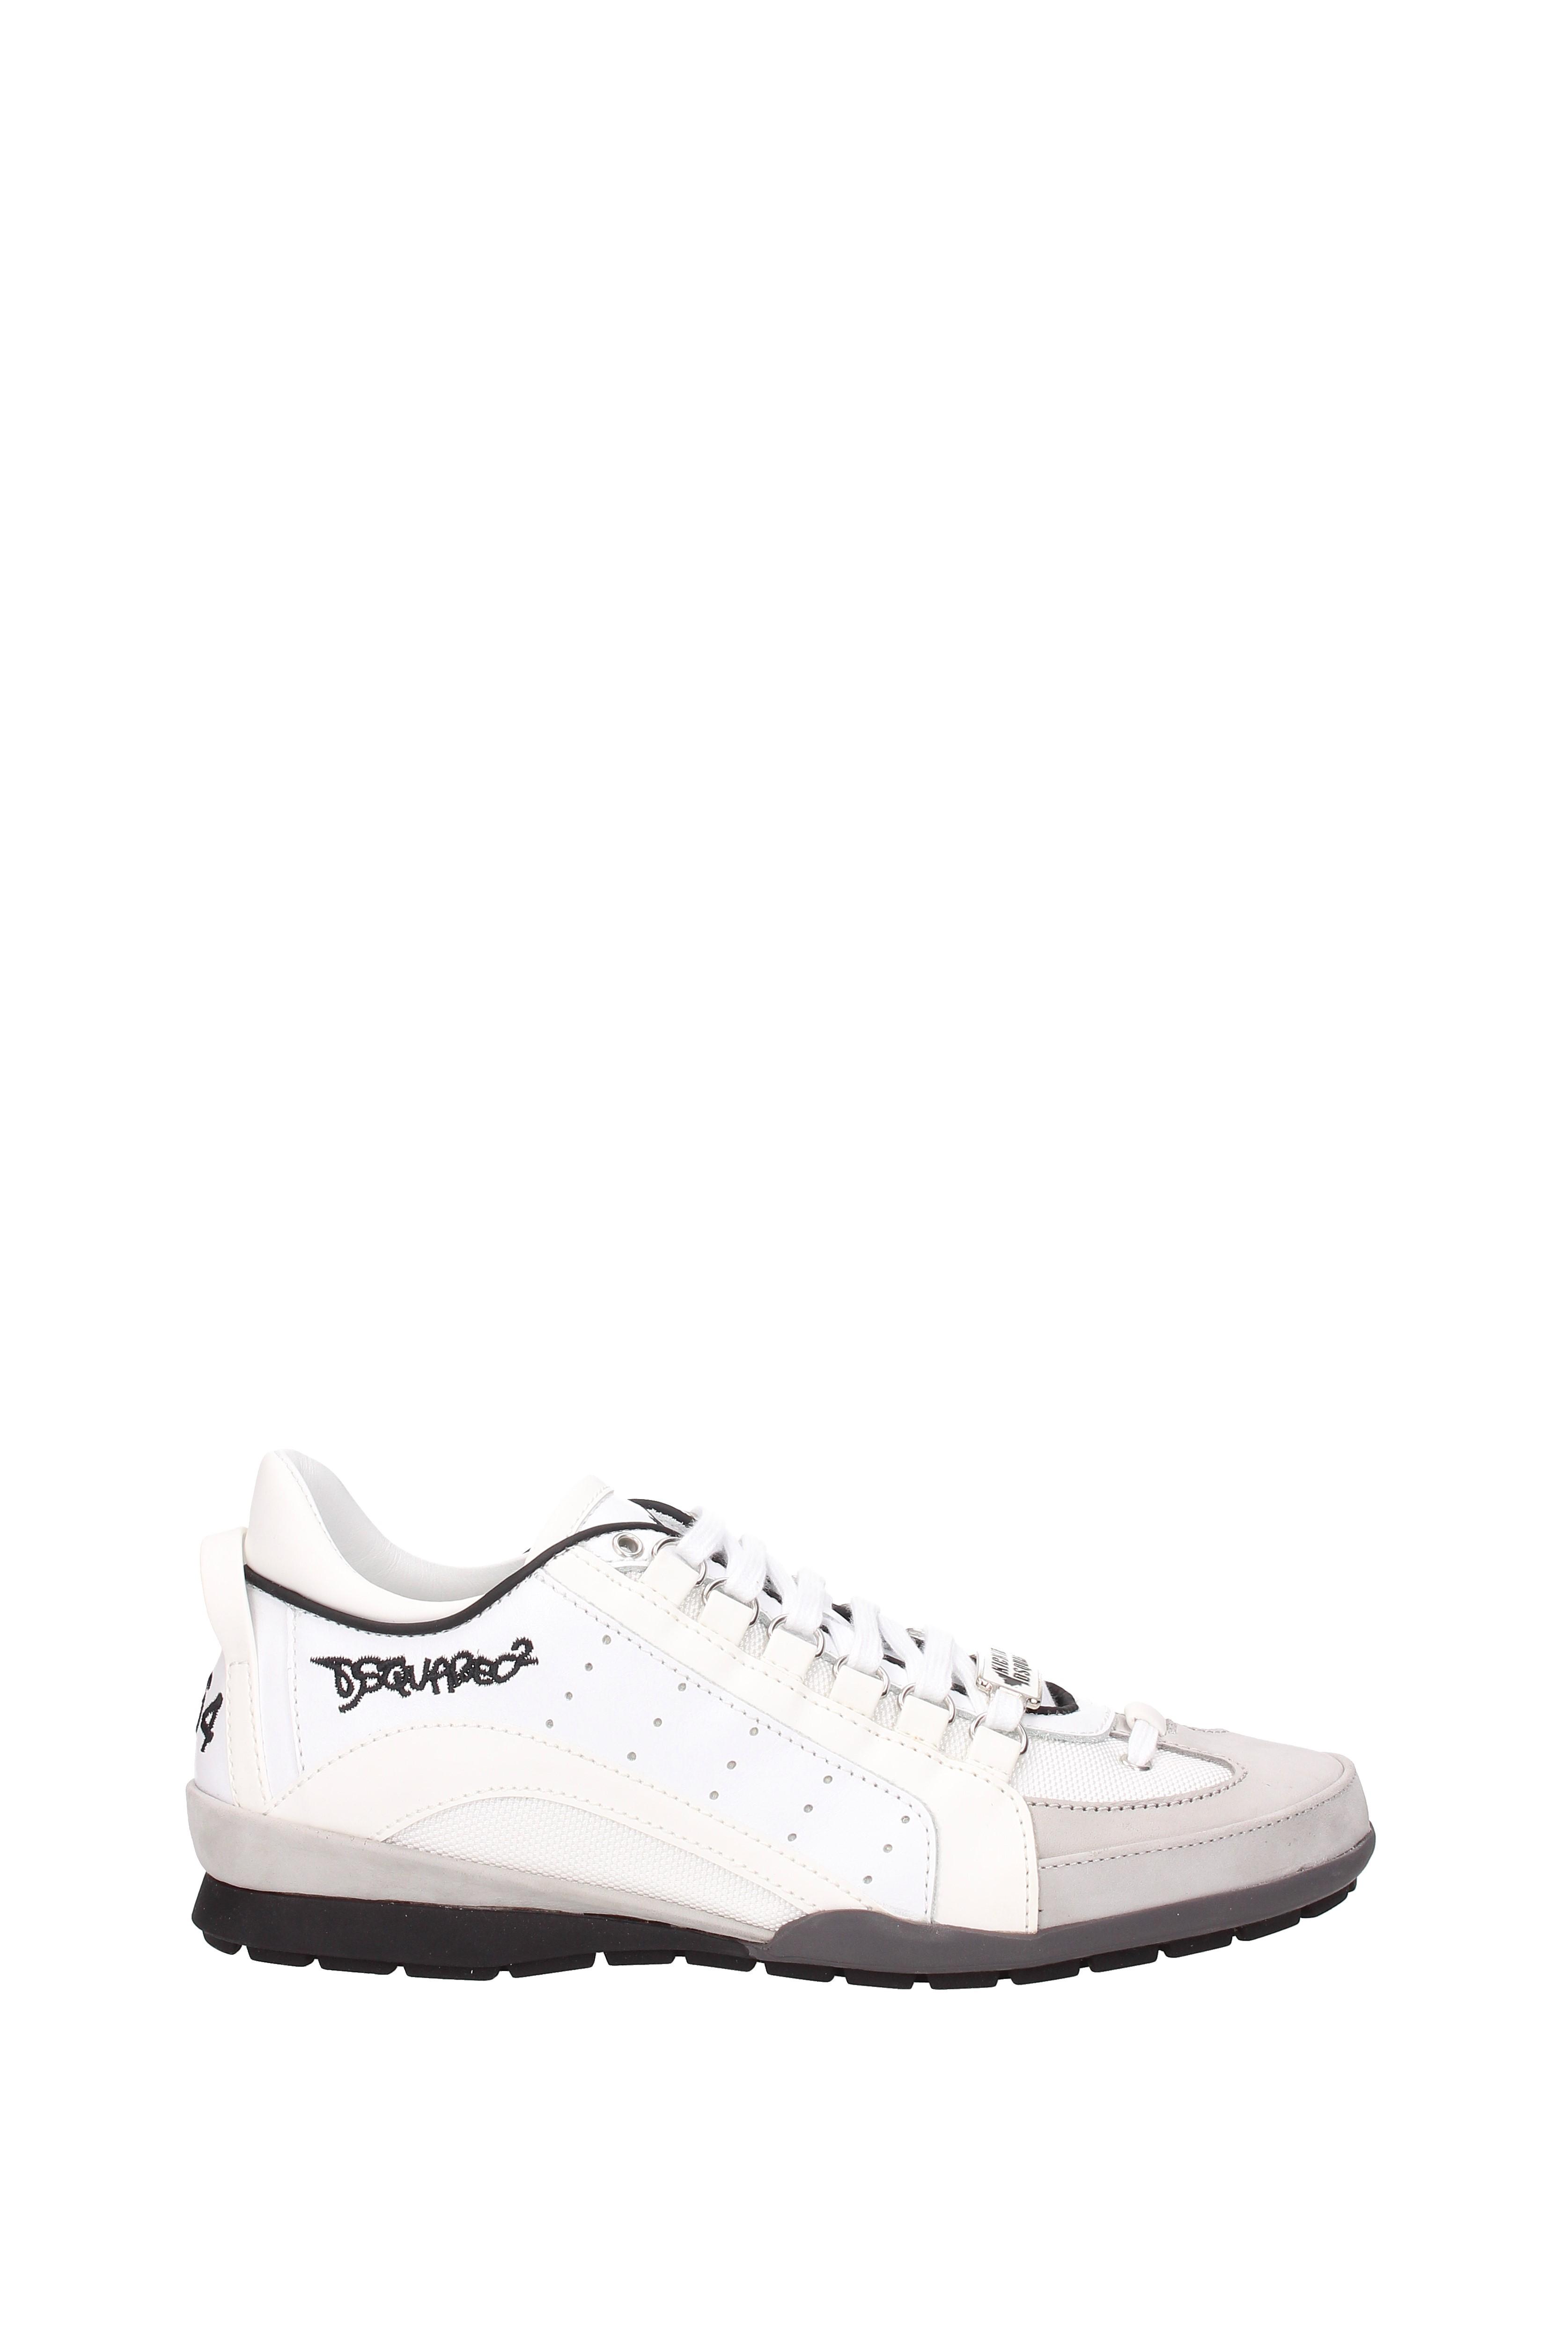 Sneakers DsquaROT2 Herren - Leder (SN434715) (SN434715) Leder 9d8d3d